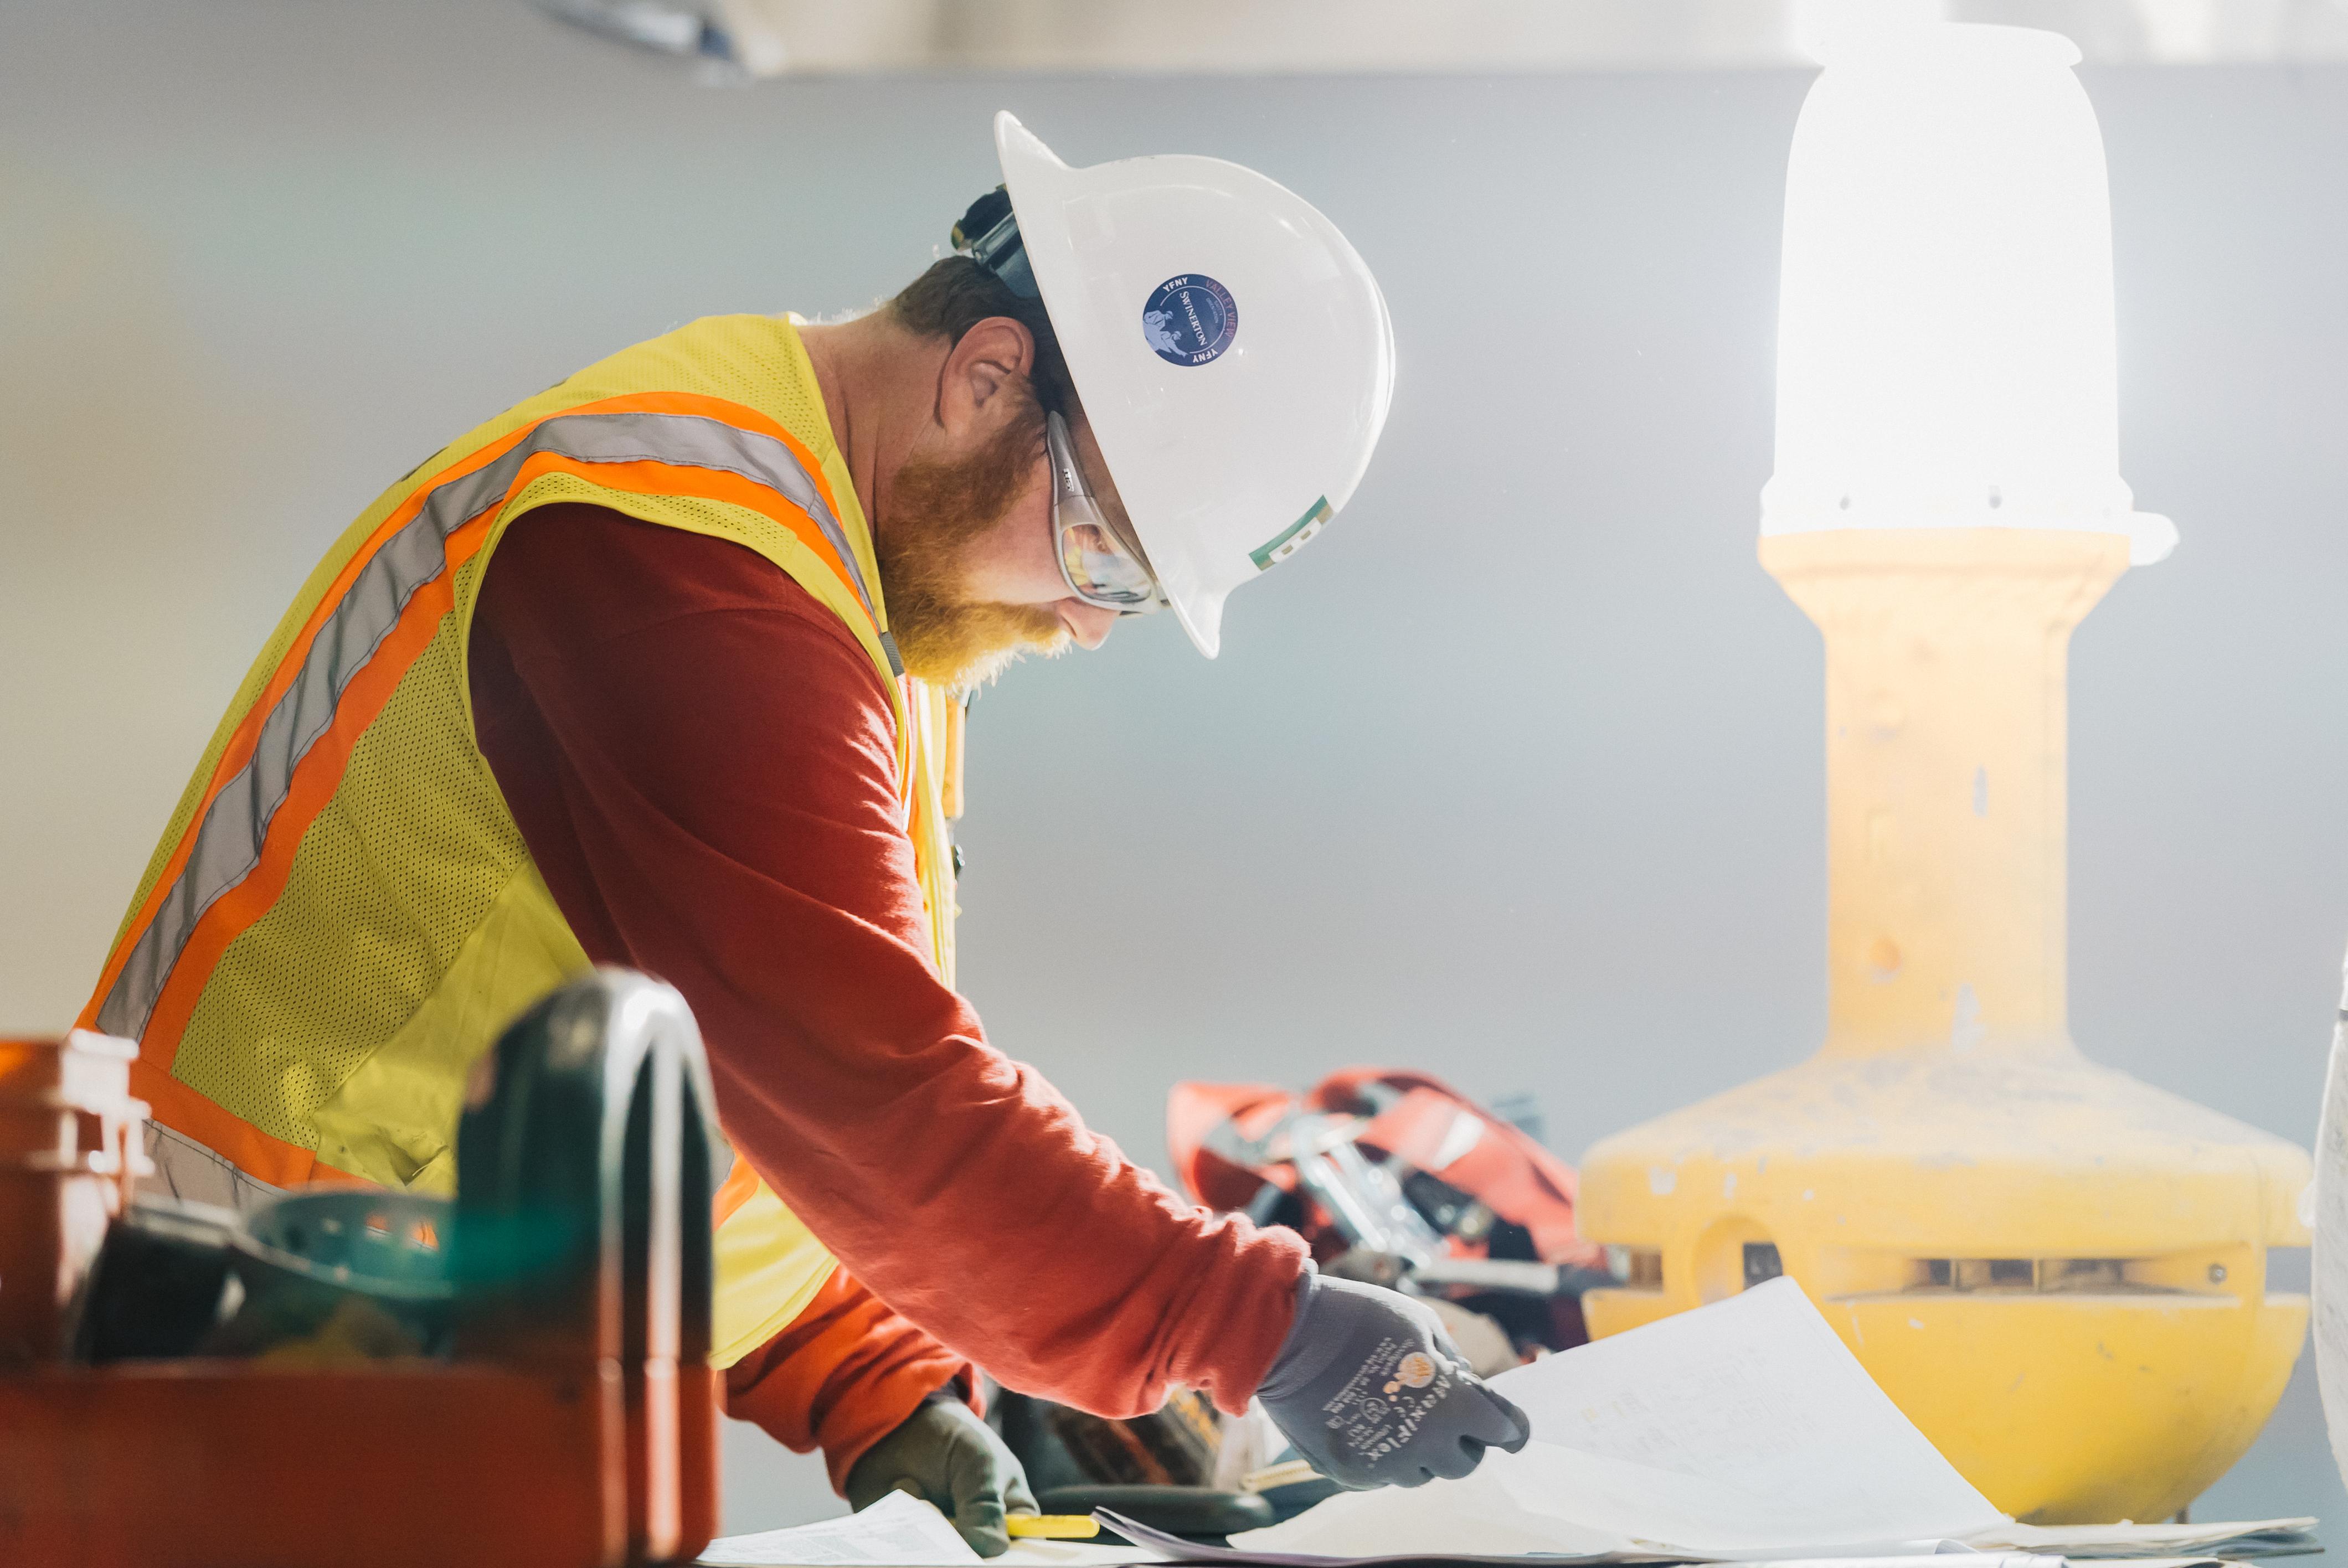 California Electrical Construction